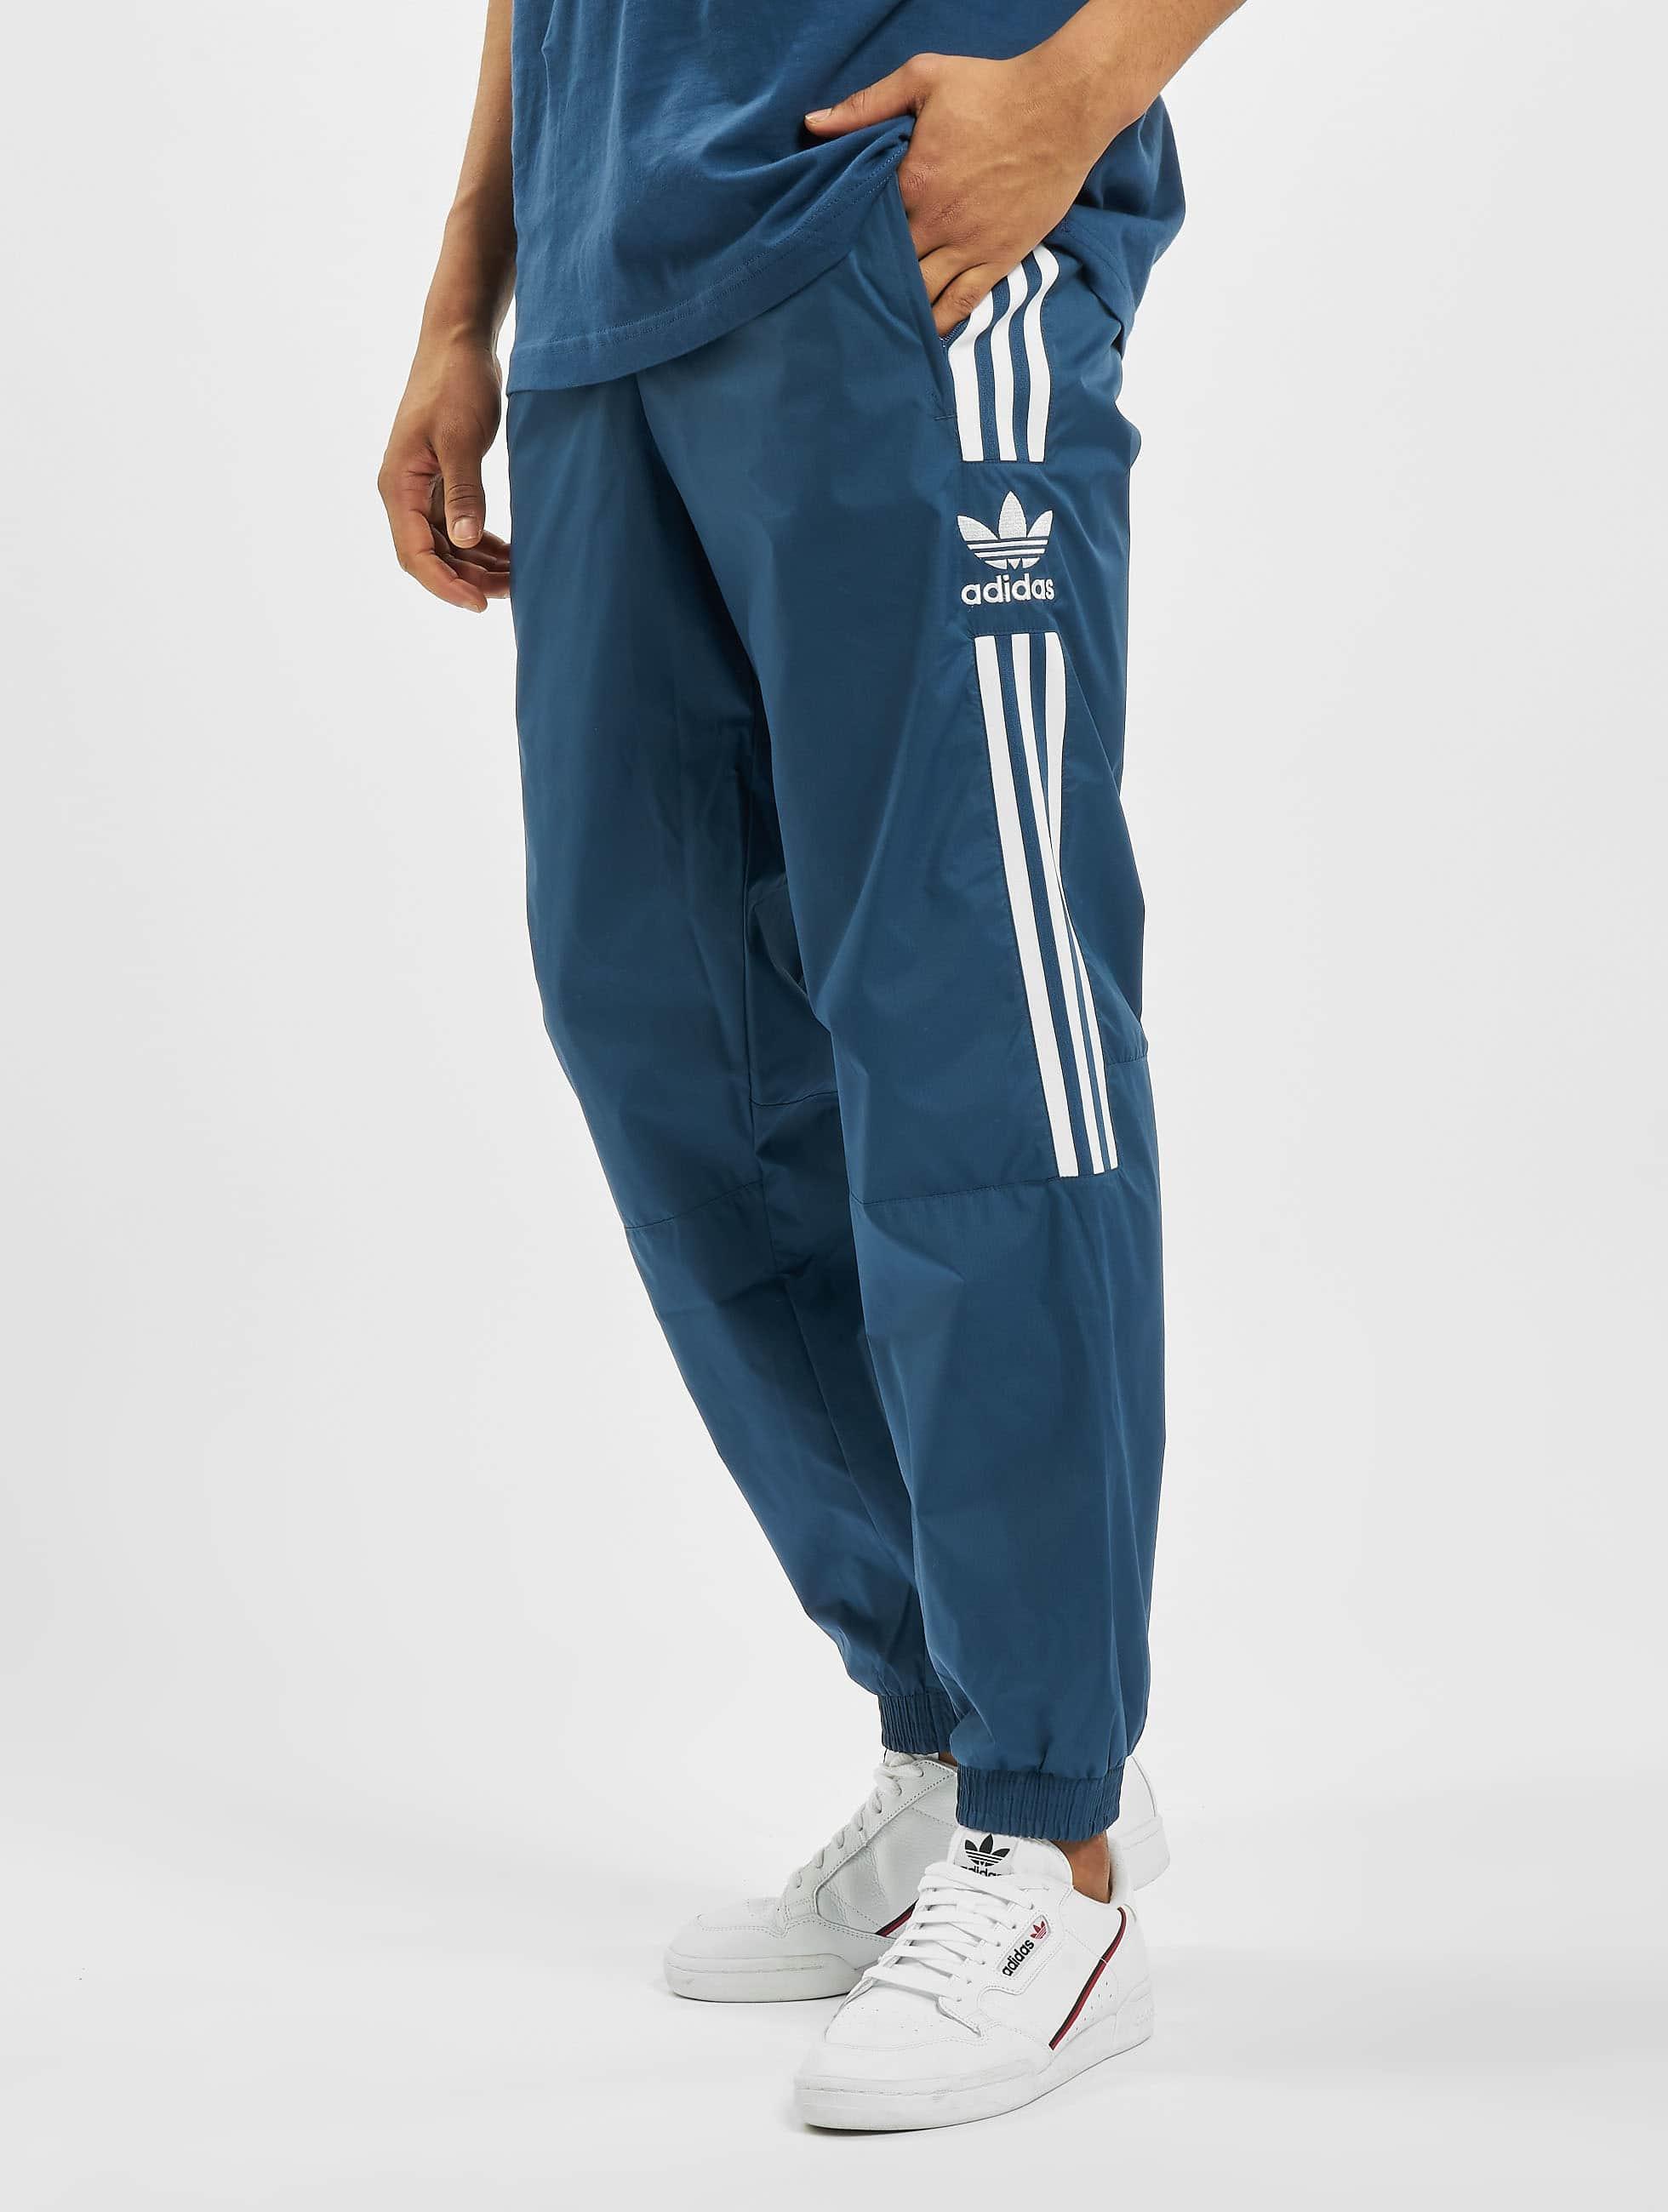 pantalon adidas homme bleu